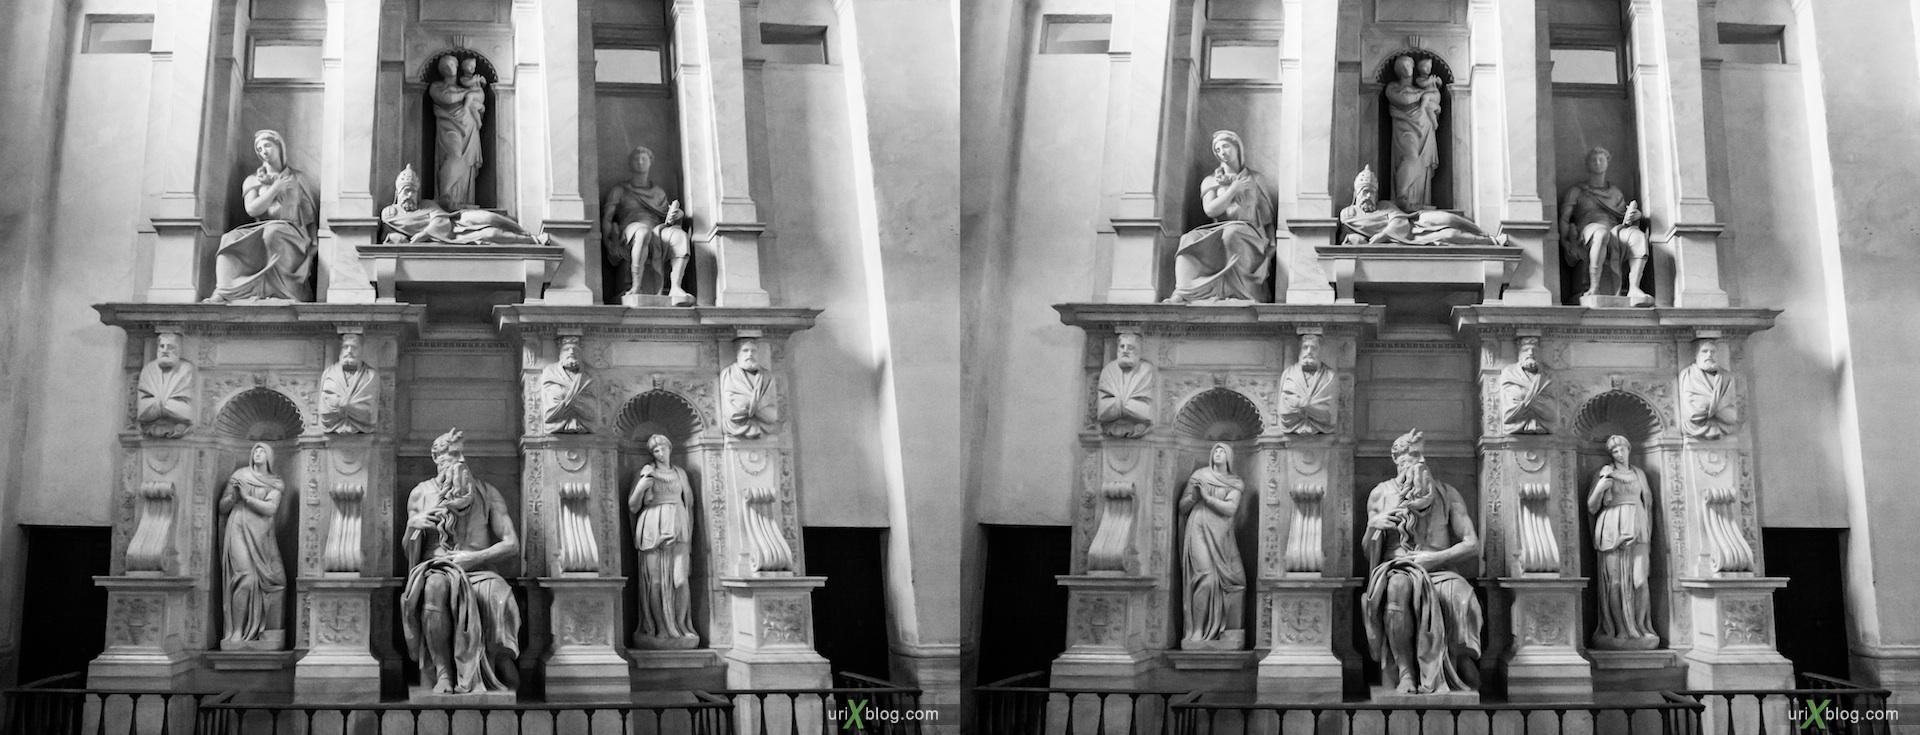 2012, церковь Сан Пьетро ин Винколи, собор, христианство, католичество, Рим, Италия, осень, 3D, перекрёстные стереопары, стерео, стереопара, стереопары